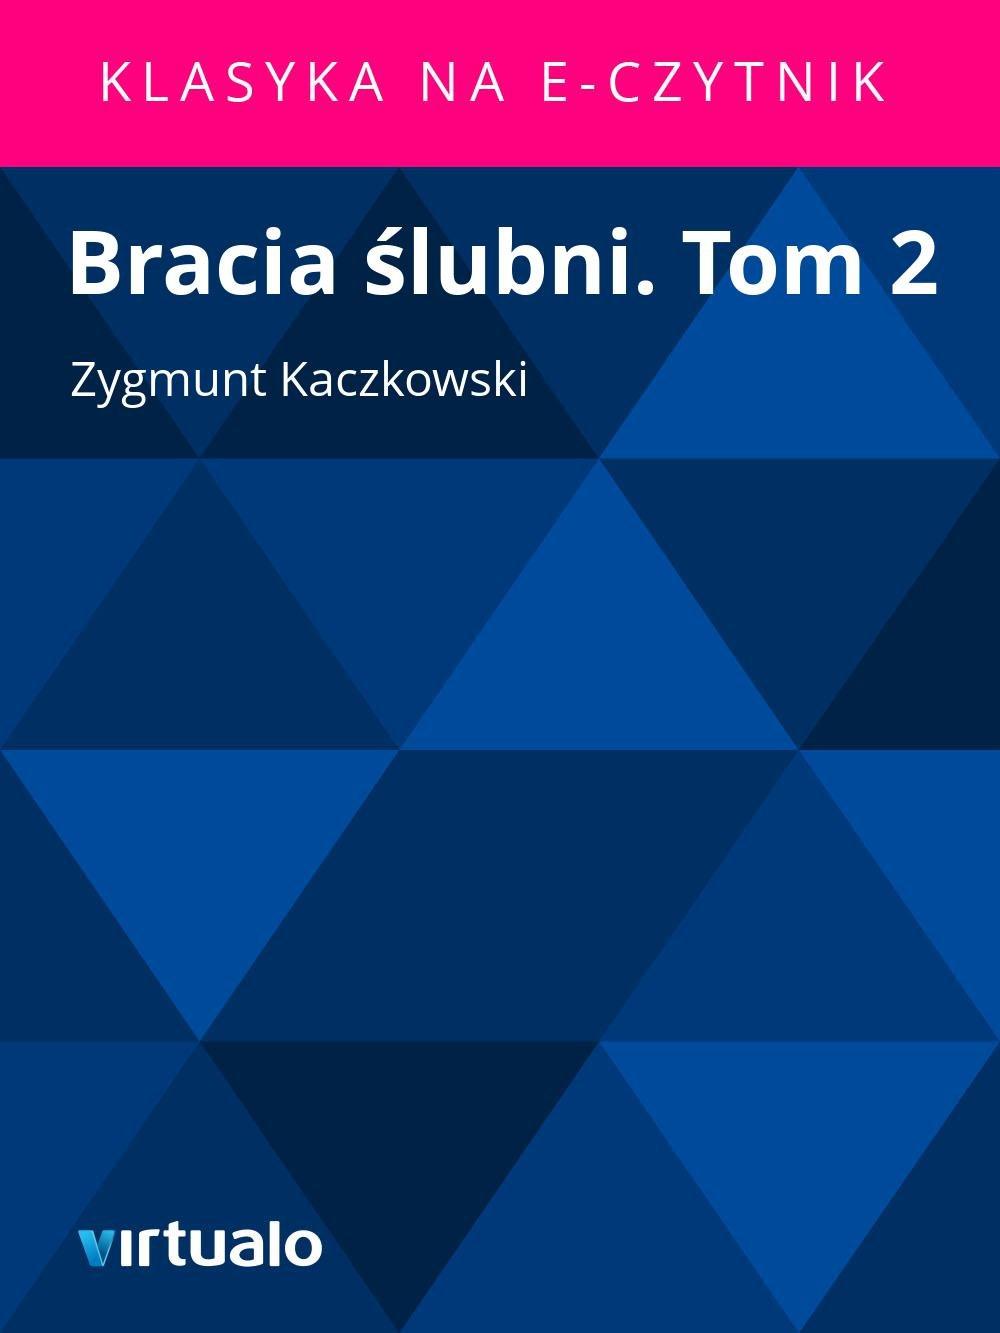 Bracia ślubni. Tom 2 - Ebook (Książka EPUB) do pobrania w formacie EPUB